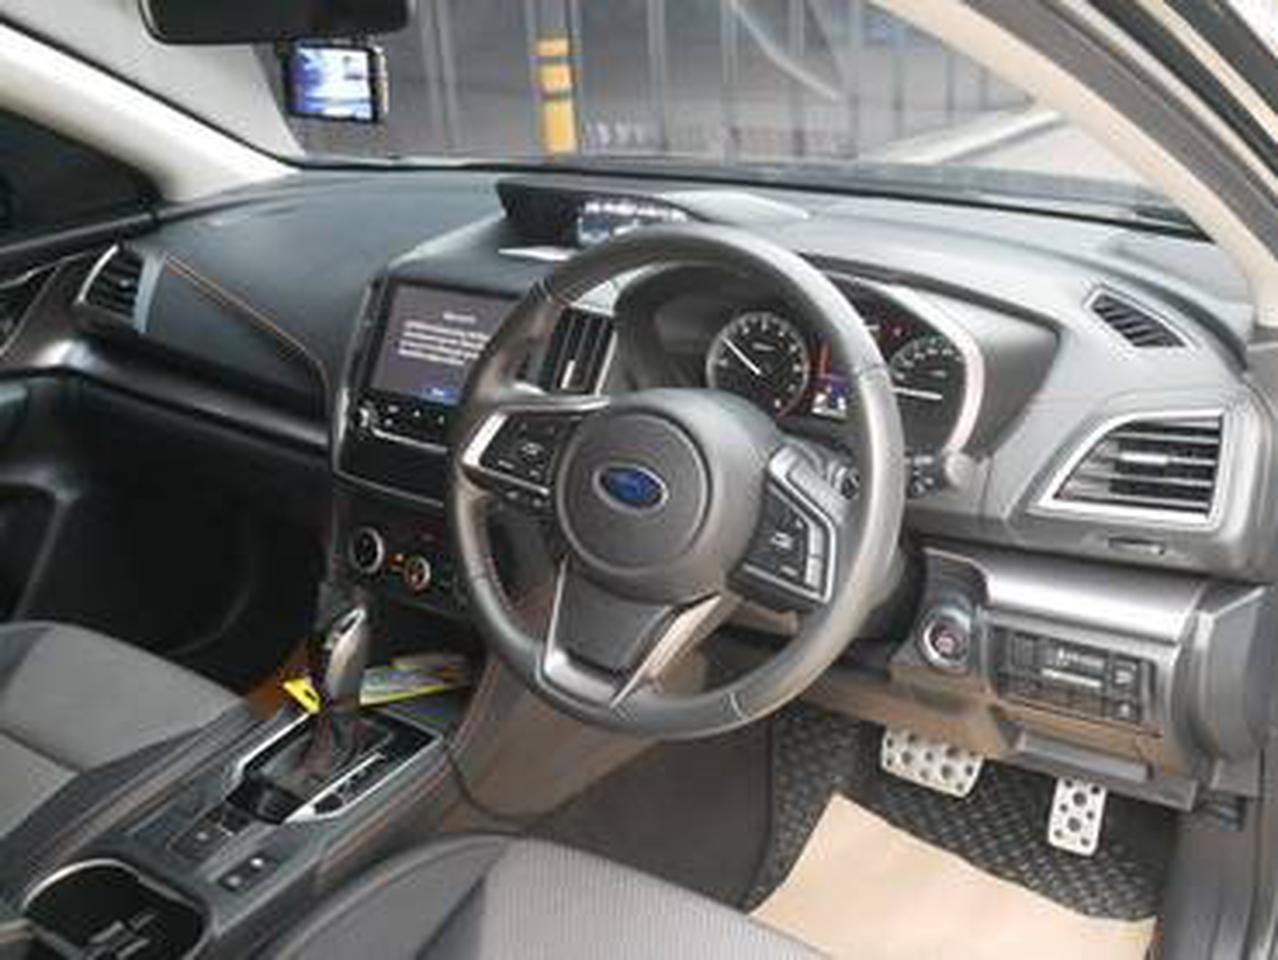 ขายรถ SUBARU XV 2.0i P 2018 รถเครื่อง 2000 cc ขับ 4 คันนี้ เลขไมล์ 6x,xxx กิโลเมตร เป็นรถที่ใช้งานได้ดีมากก รูปที่ 6